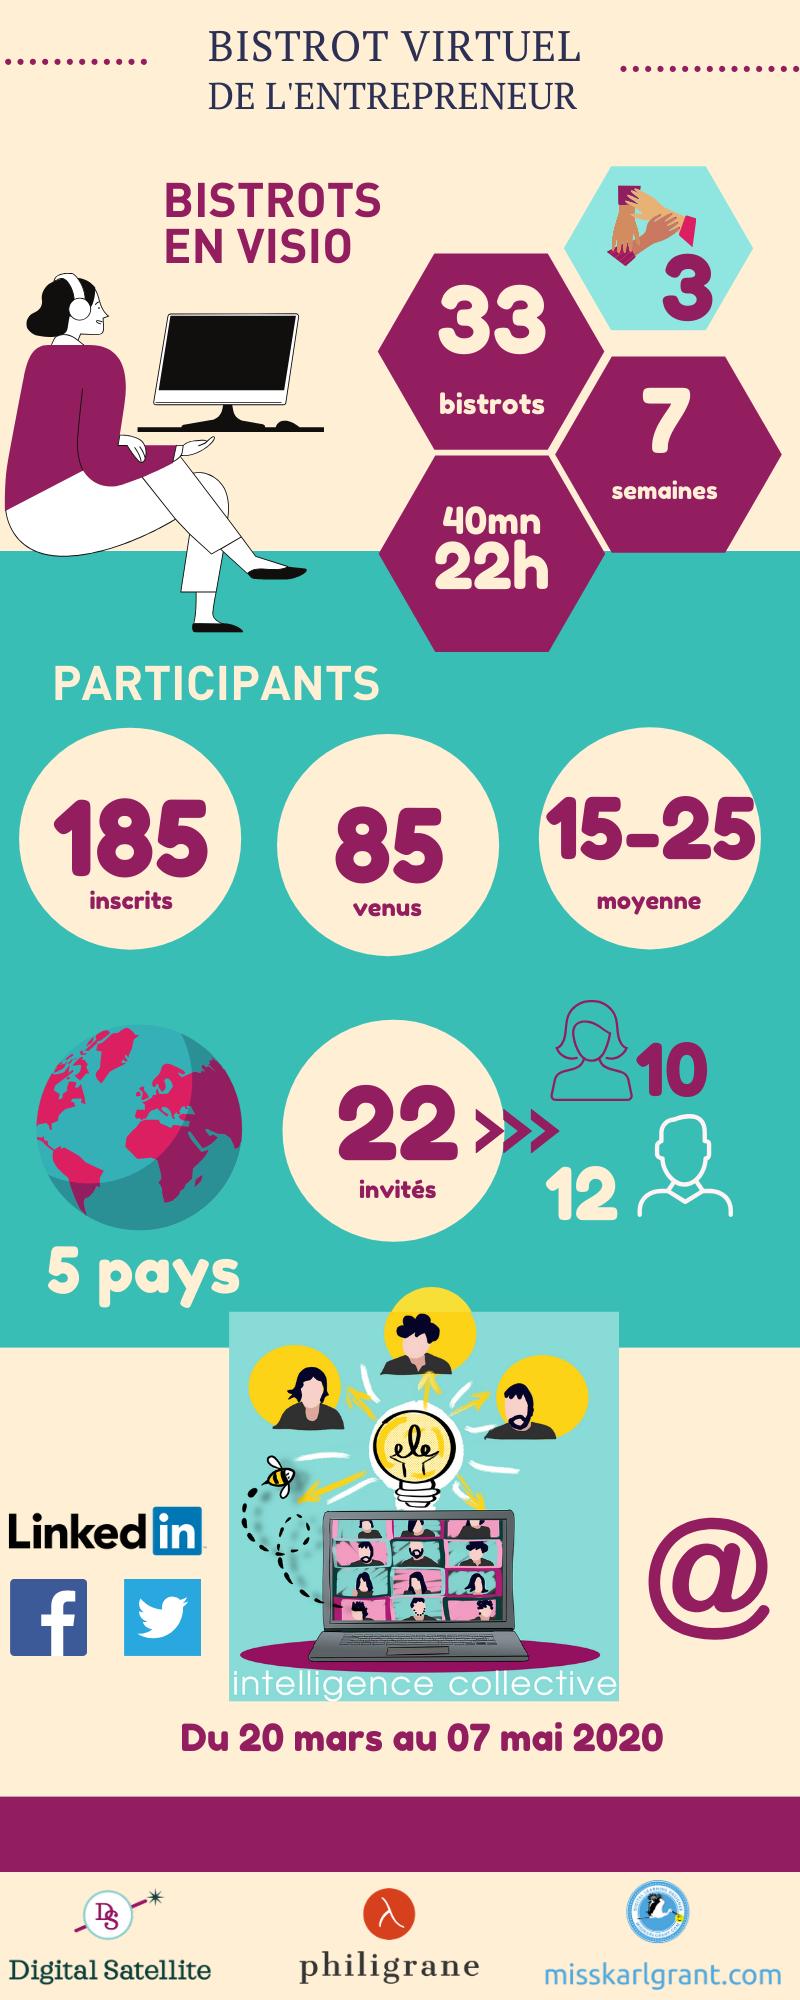 infographie du bistrot virtuel de l'entrepreneur